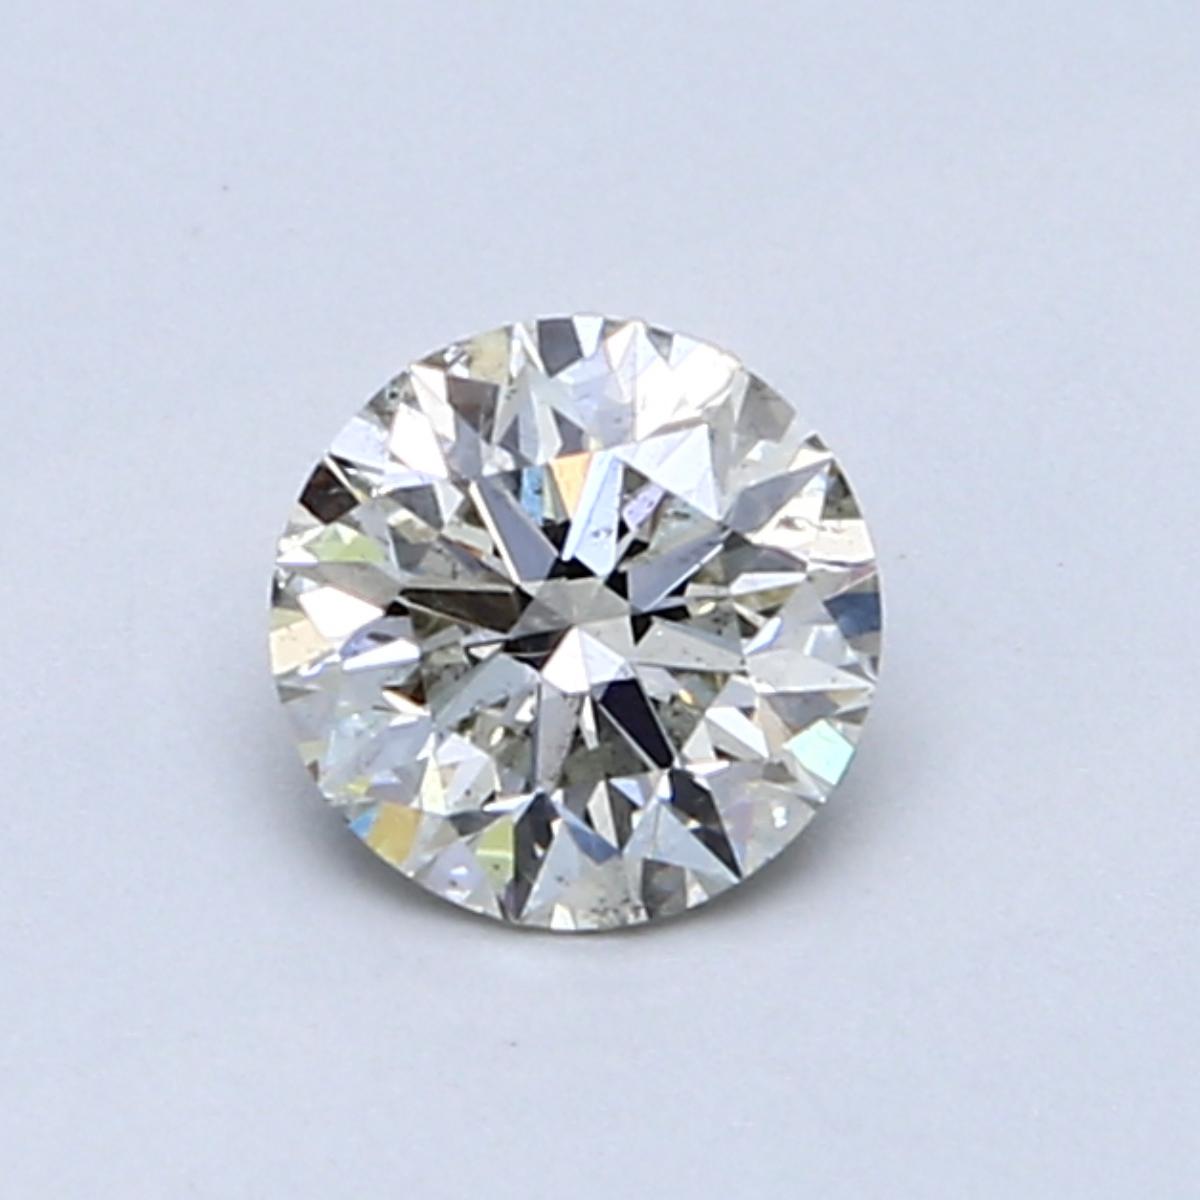 0.61 Carat J SI2 Round Diamond